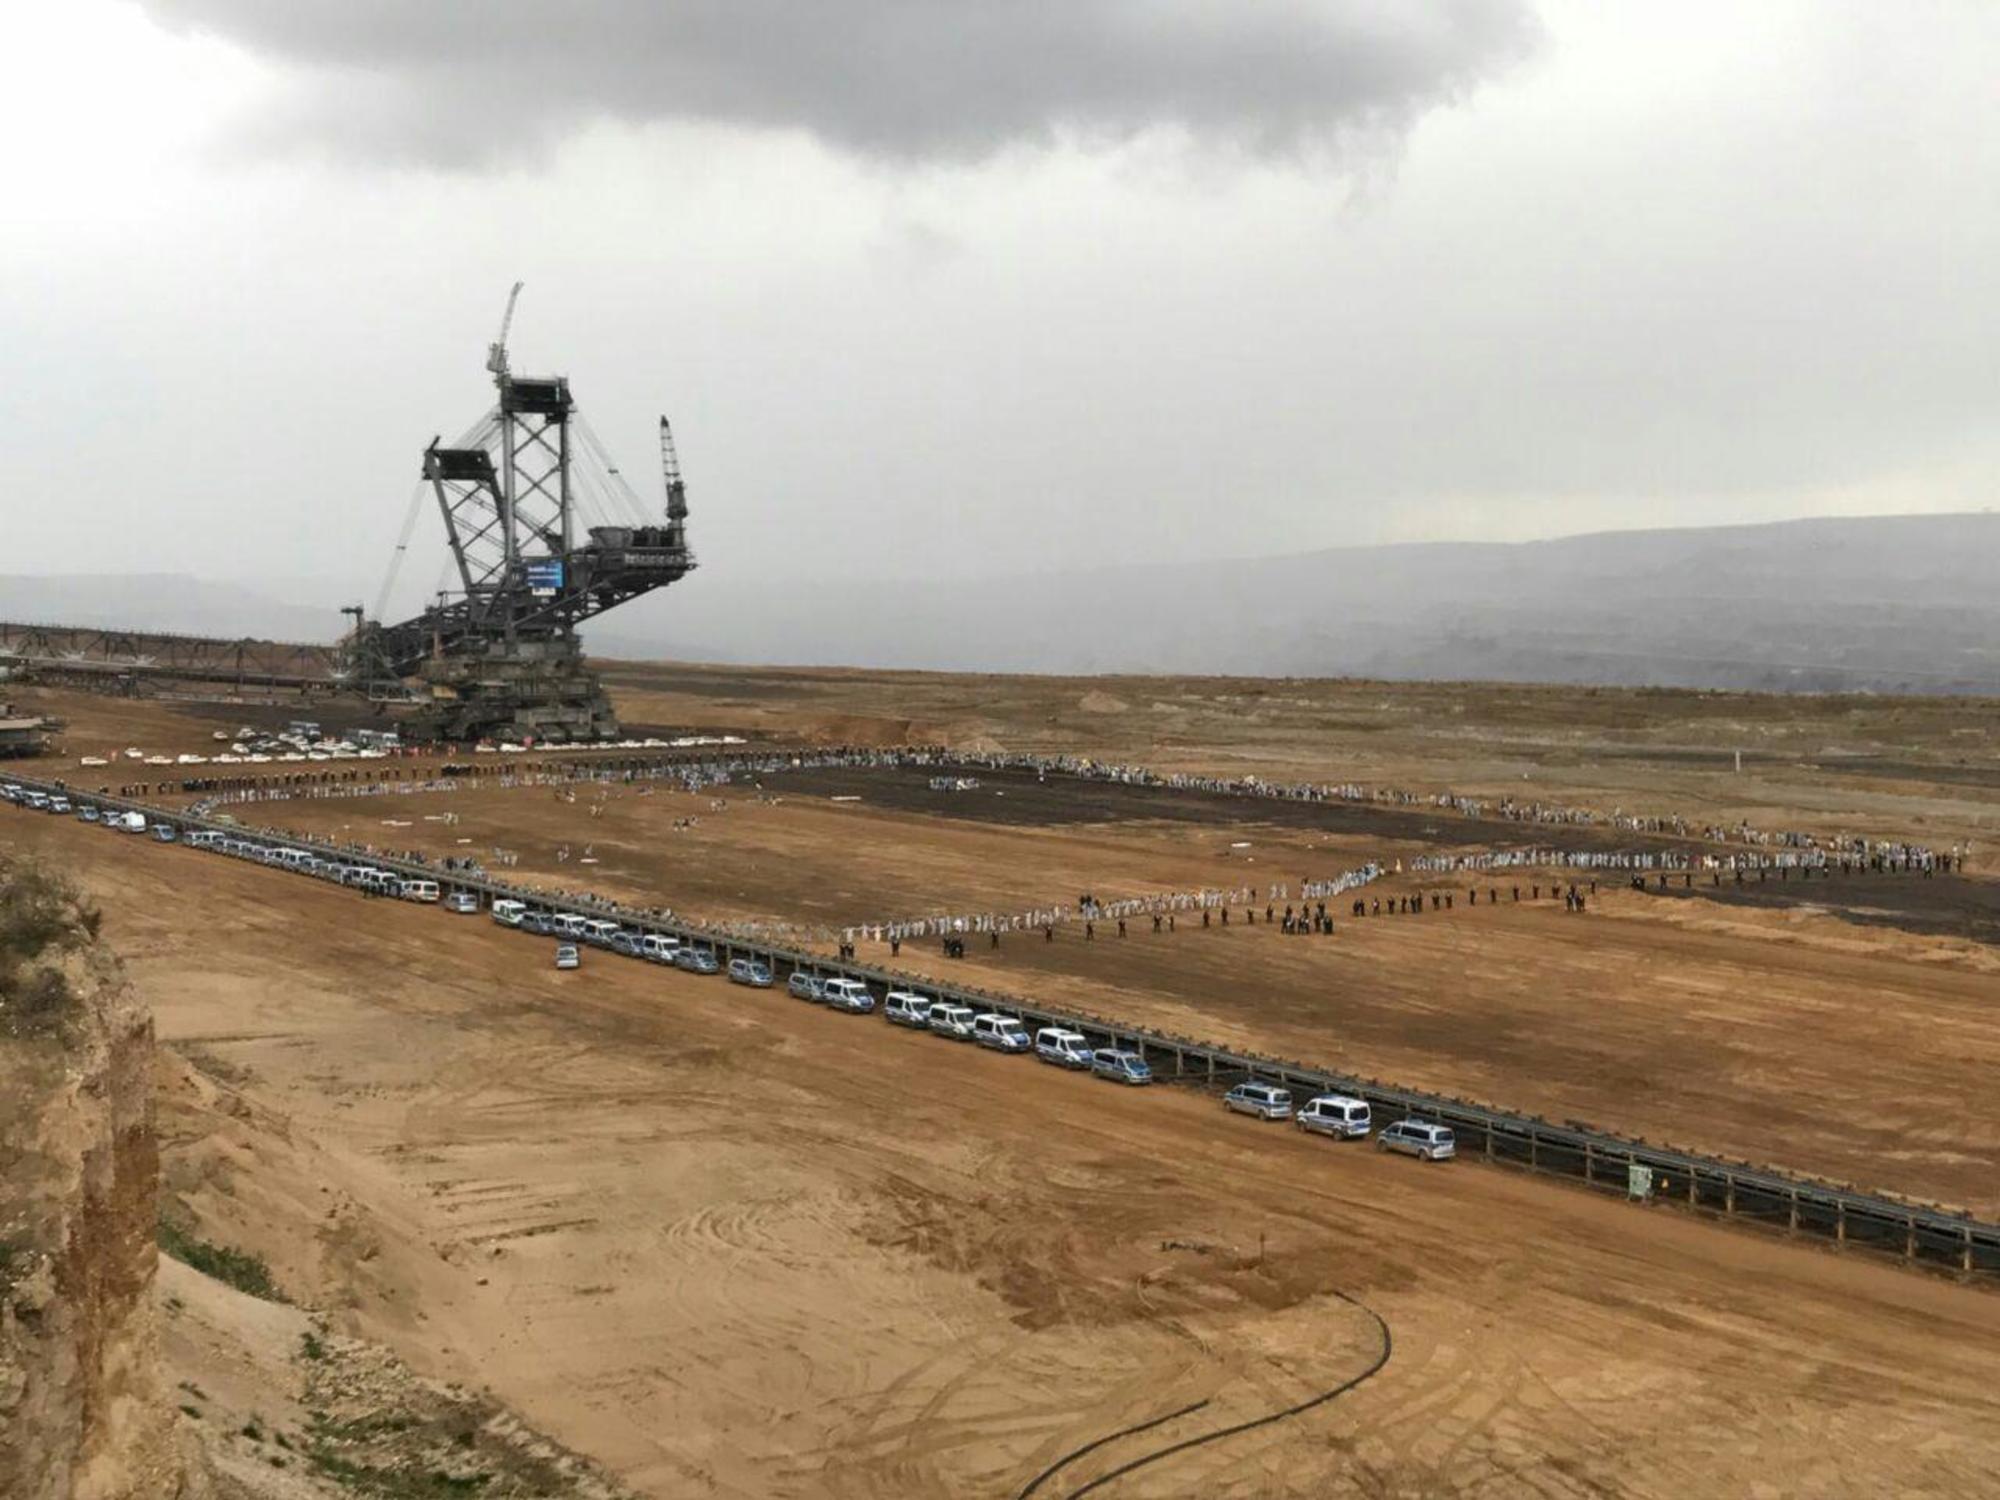 Así son los activistas que se enfrentan a la industria minera mundial